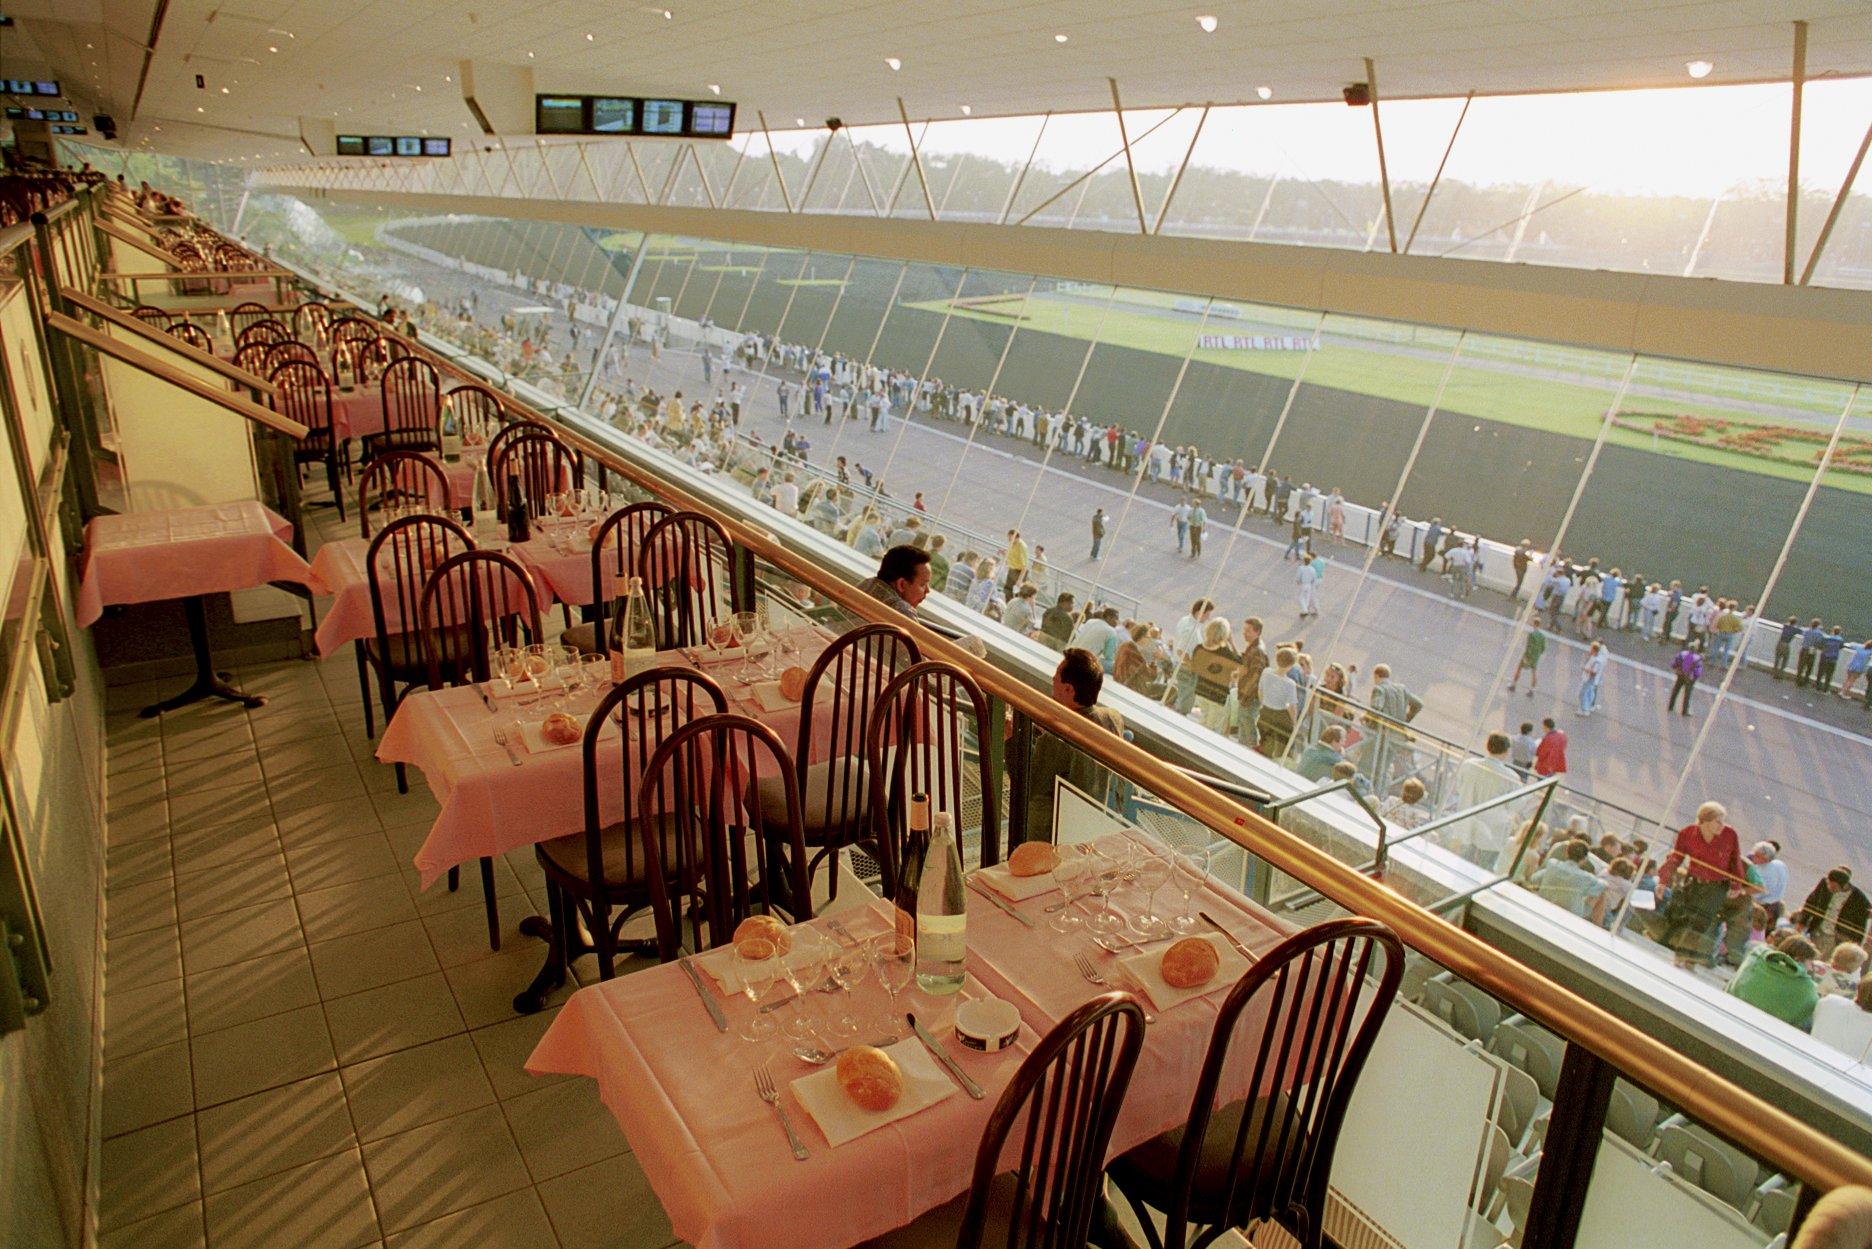 Hippodrome de Paris ideal gourmet – Hippodrome Paris-Vincennes Leader Menu